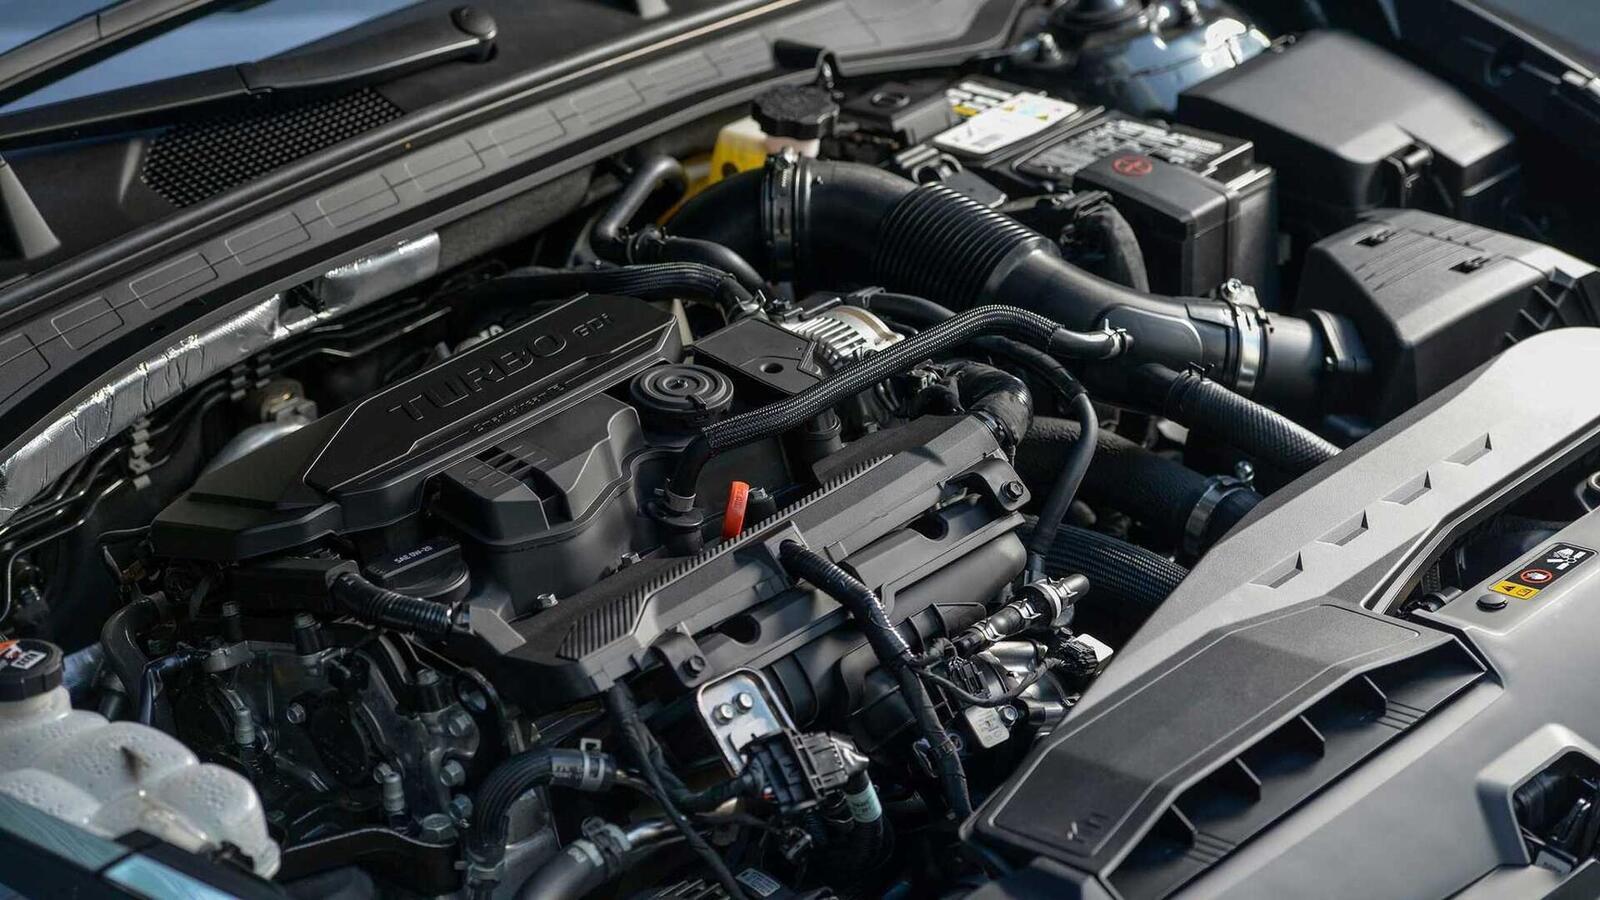 Hyundai đã ra mắt Sonata thế hệ thứ 8 tại Mỹ: Động cơ 1.6L tăng áp và 2.5L - Hình 4